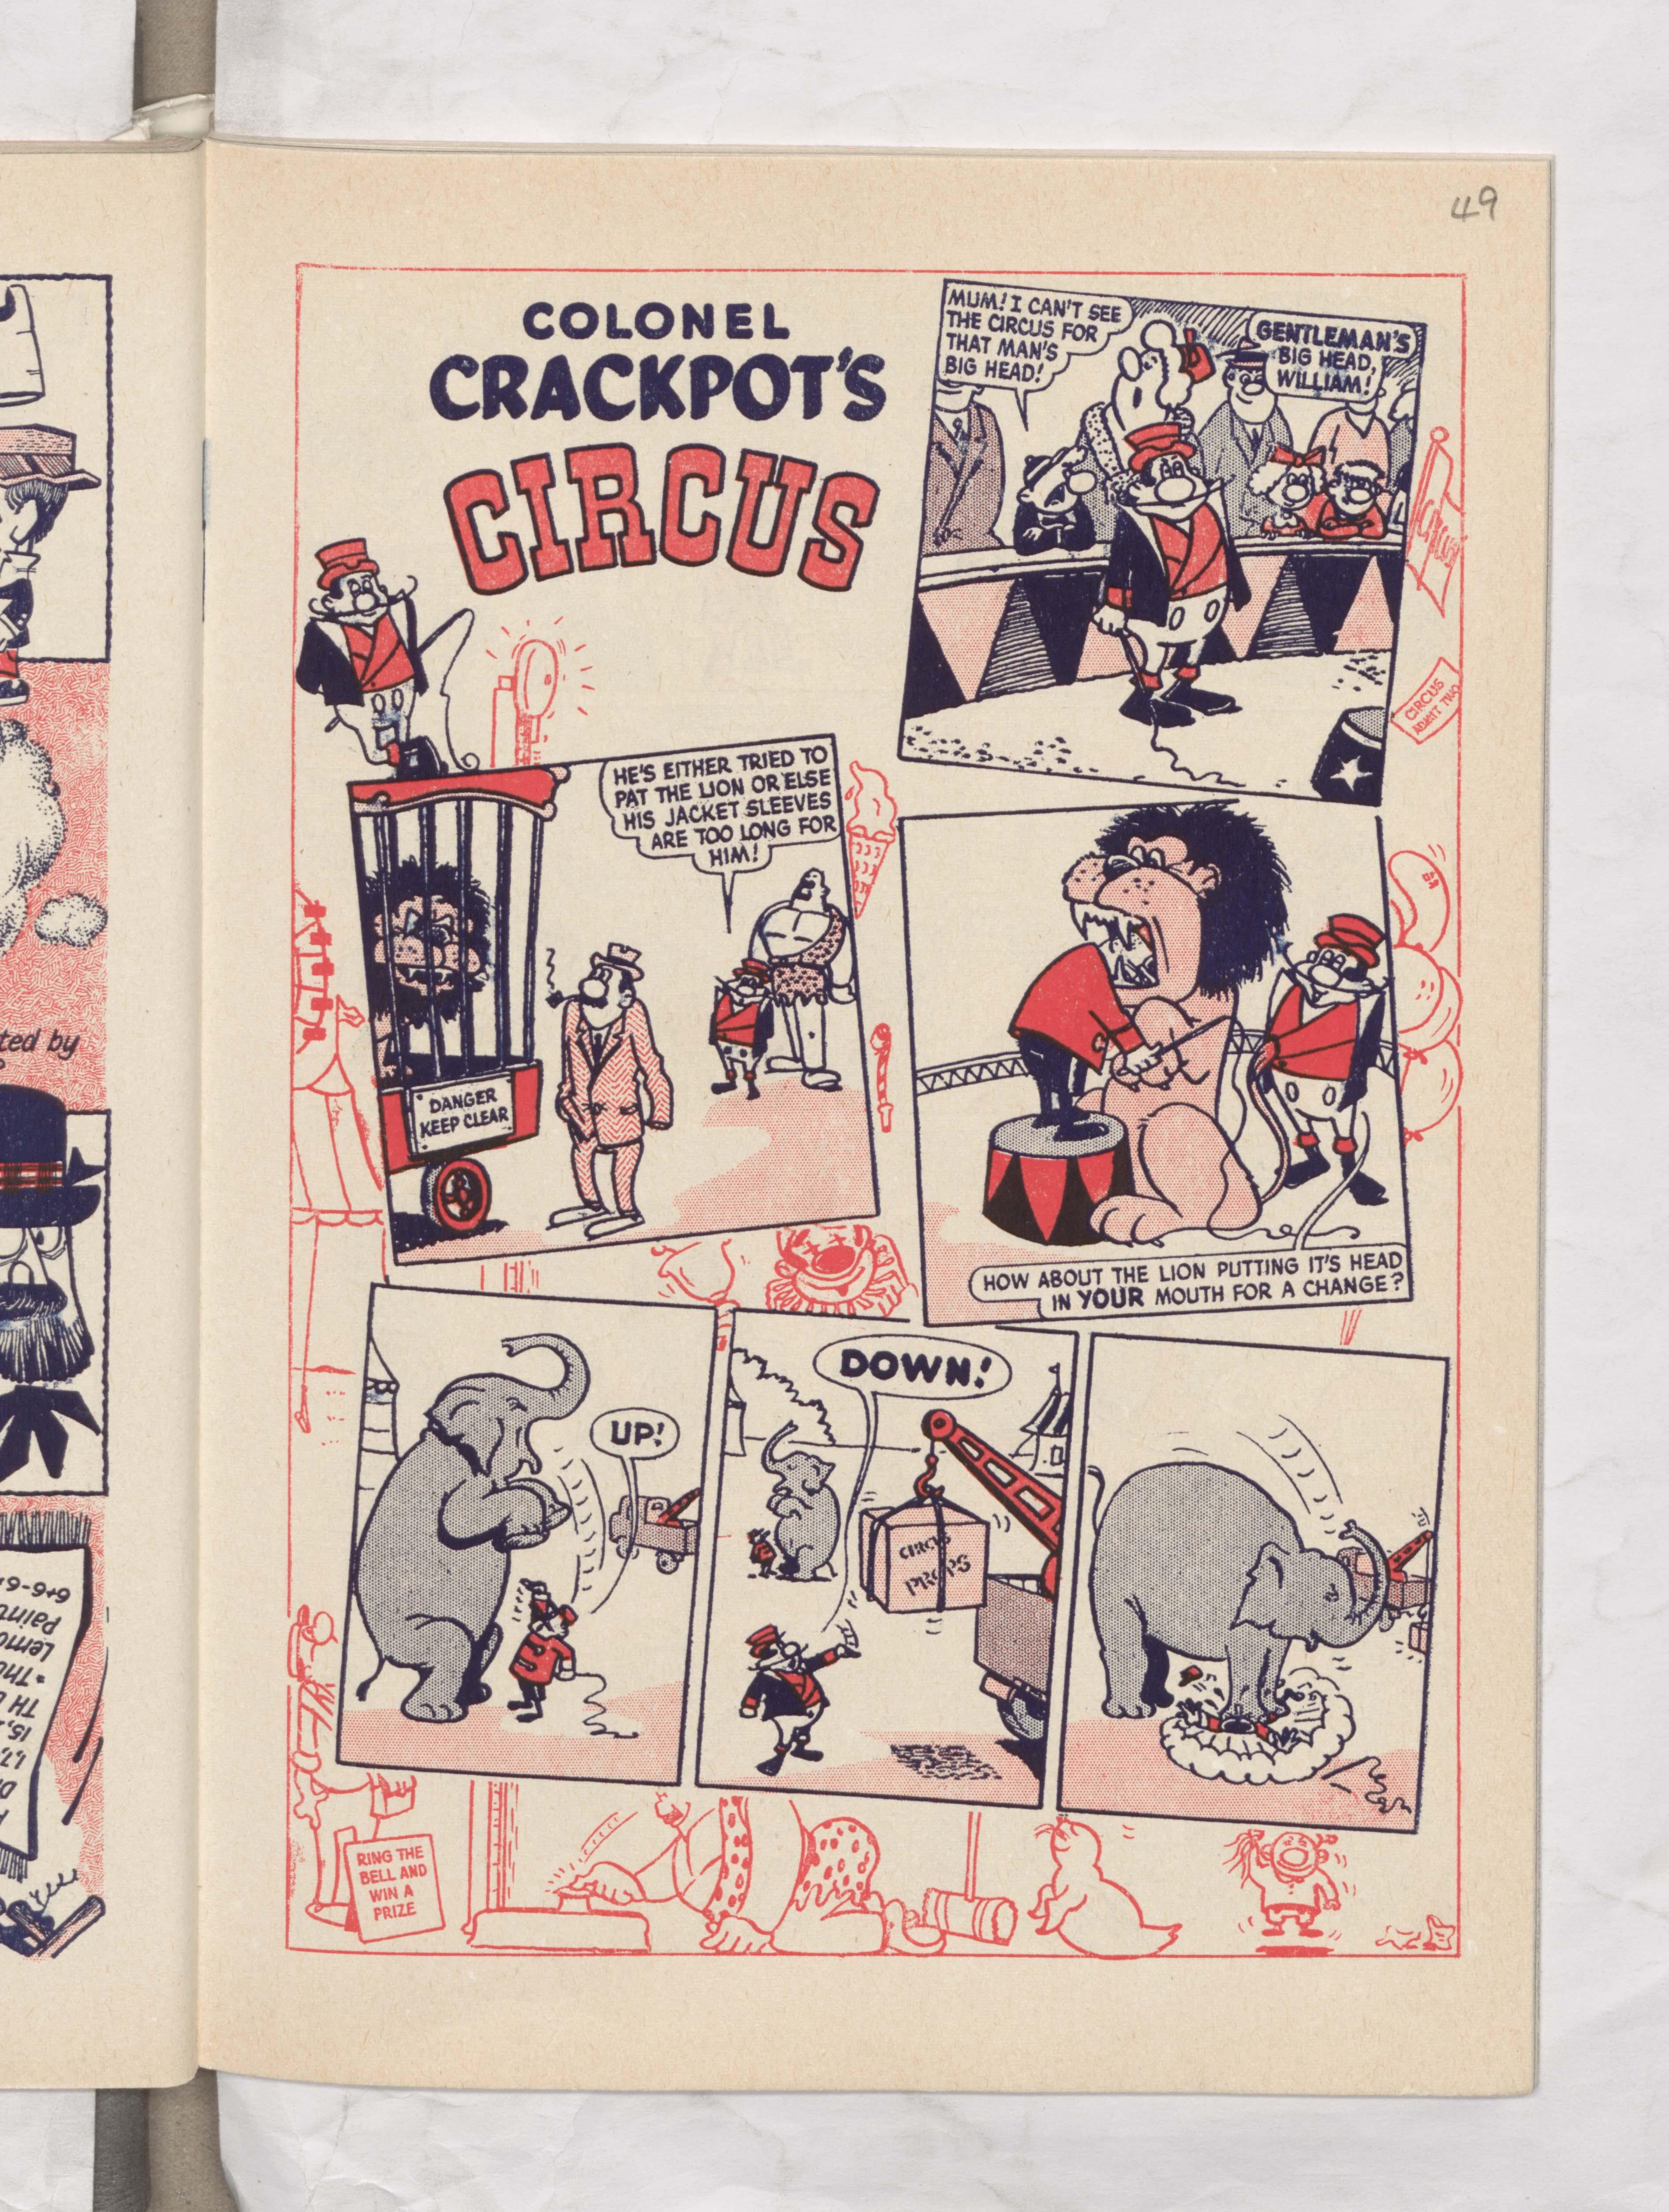 Colonel Crackpot's Circus - Beano Book 1962 Annual